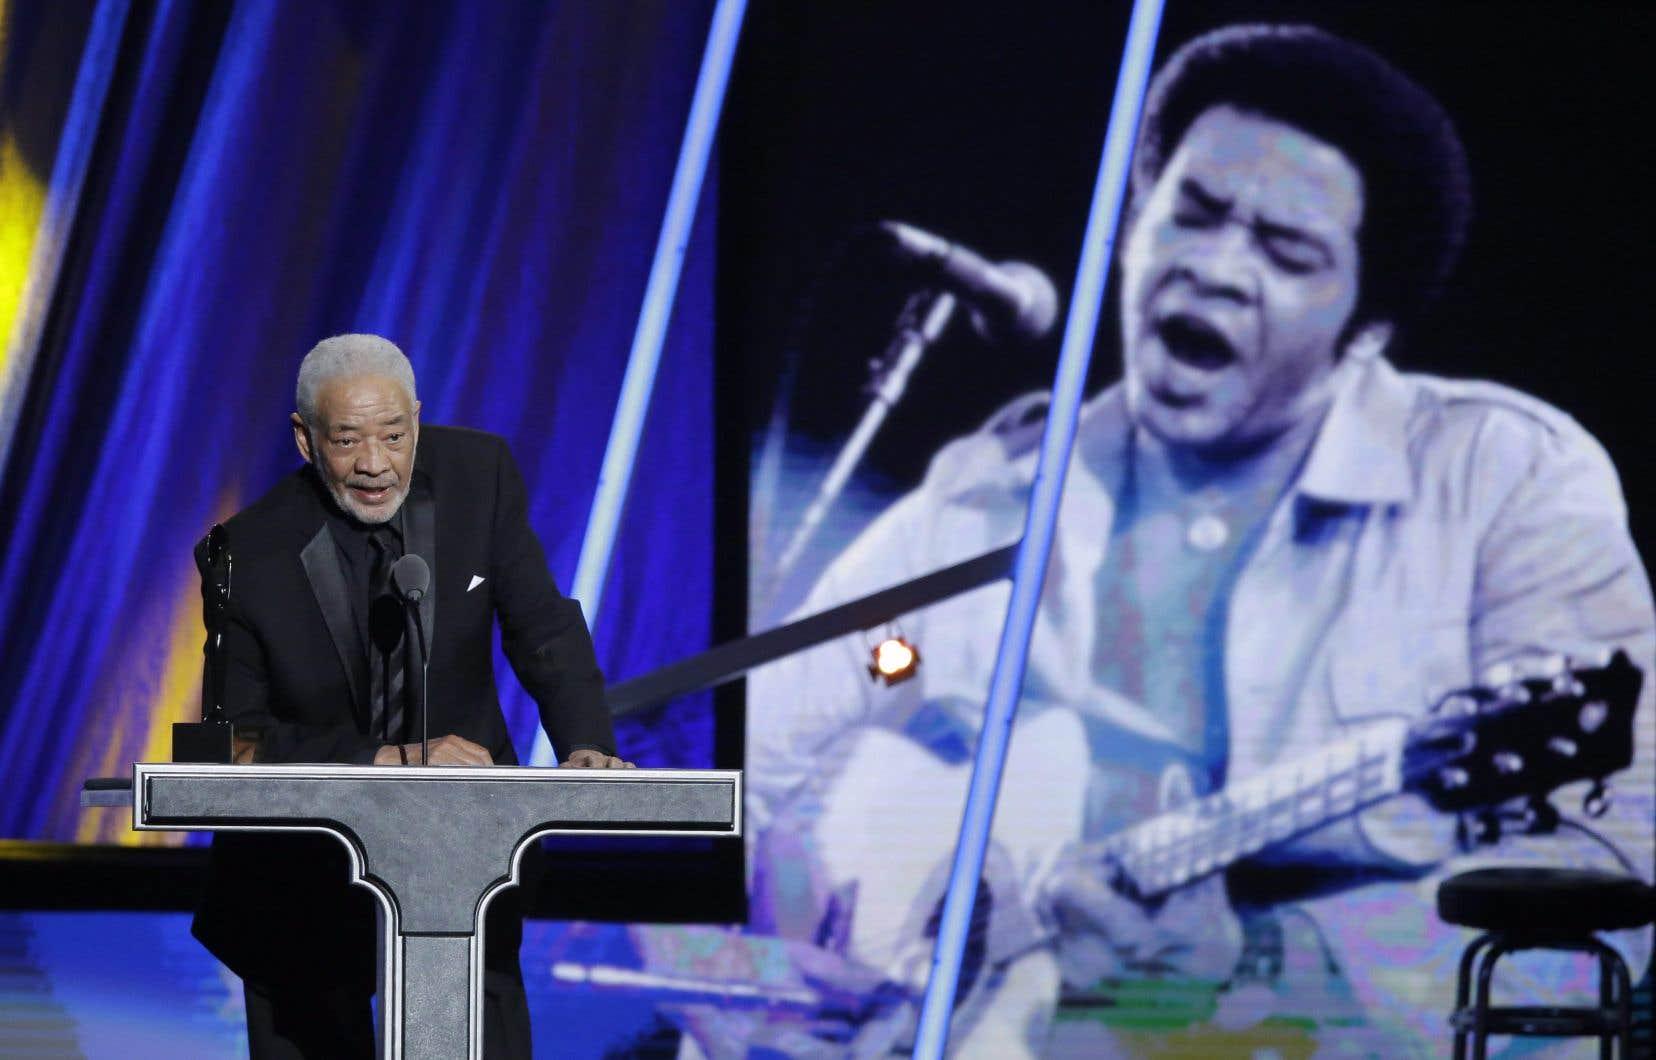 Malgré une carrière relativement courte, sur une quinzaine d'années, il laisse derrière lui des morceaux soul mondialement connus, dont «Just the Two of Us» ou «Lean On Me».